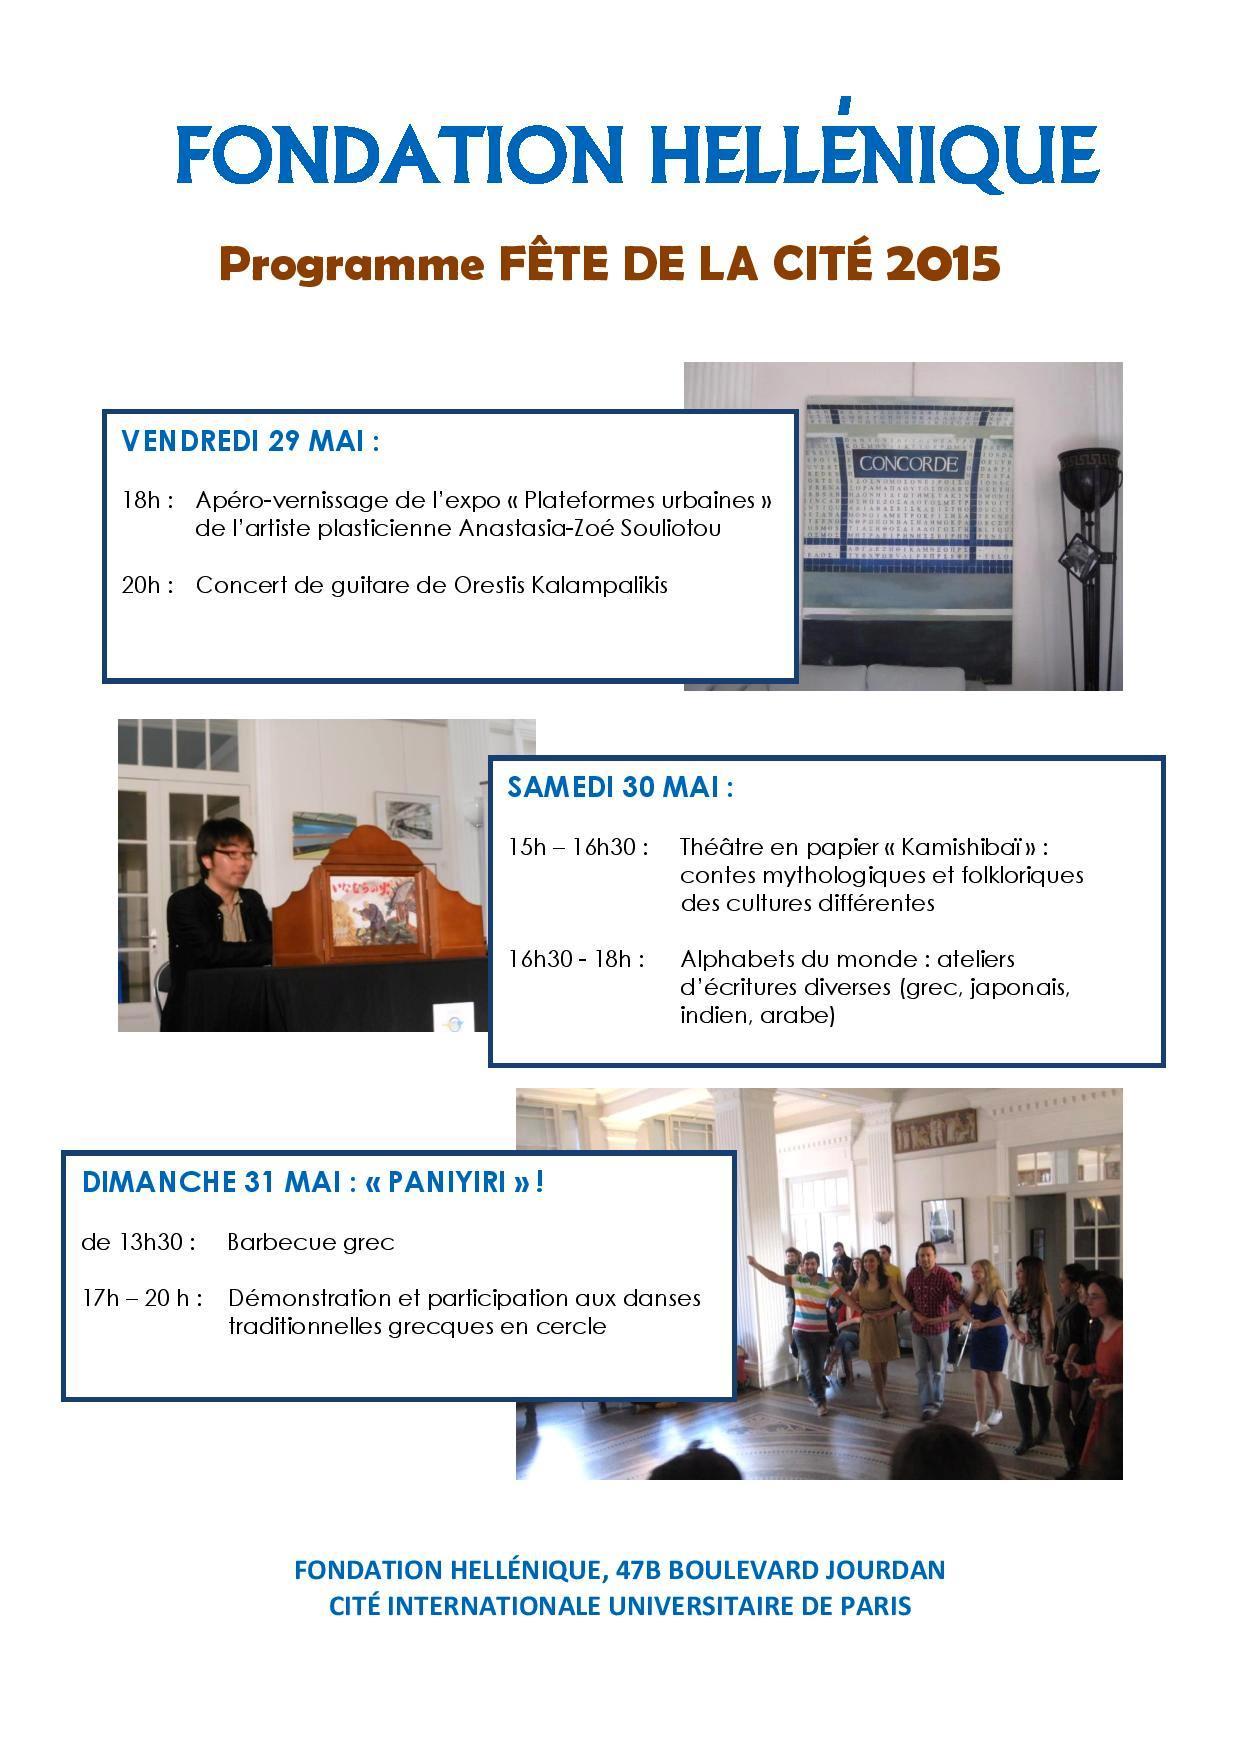 Fête de la Cité 2015